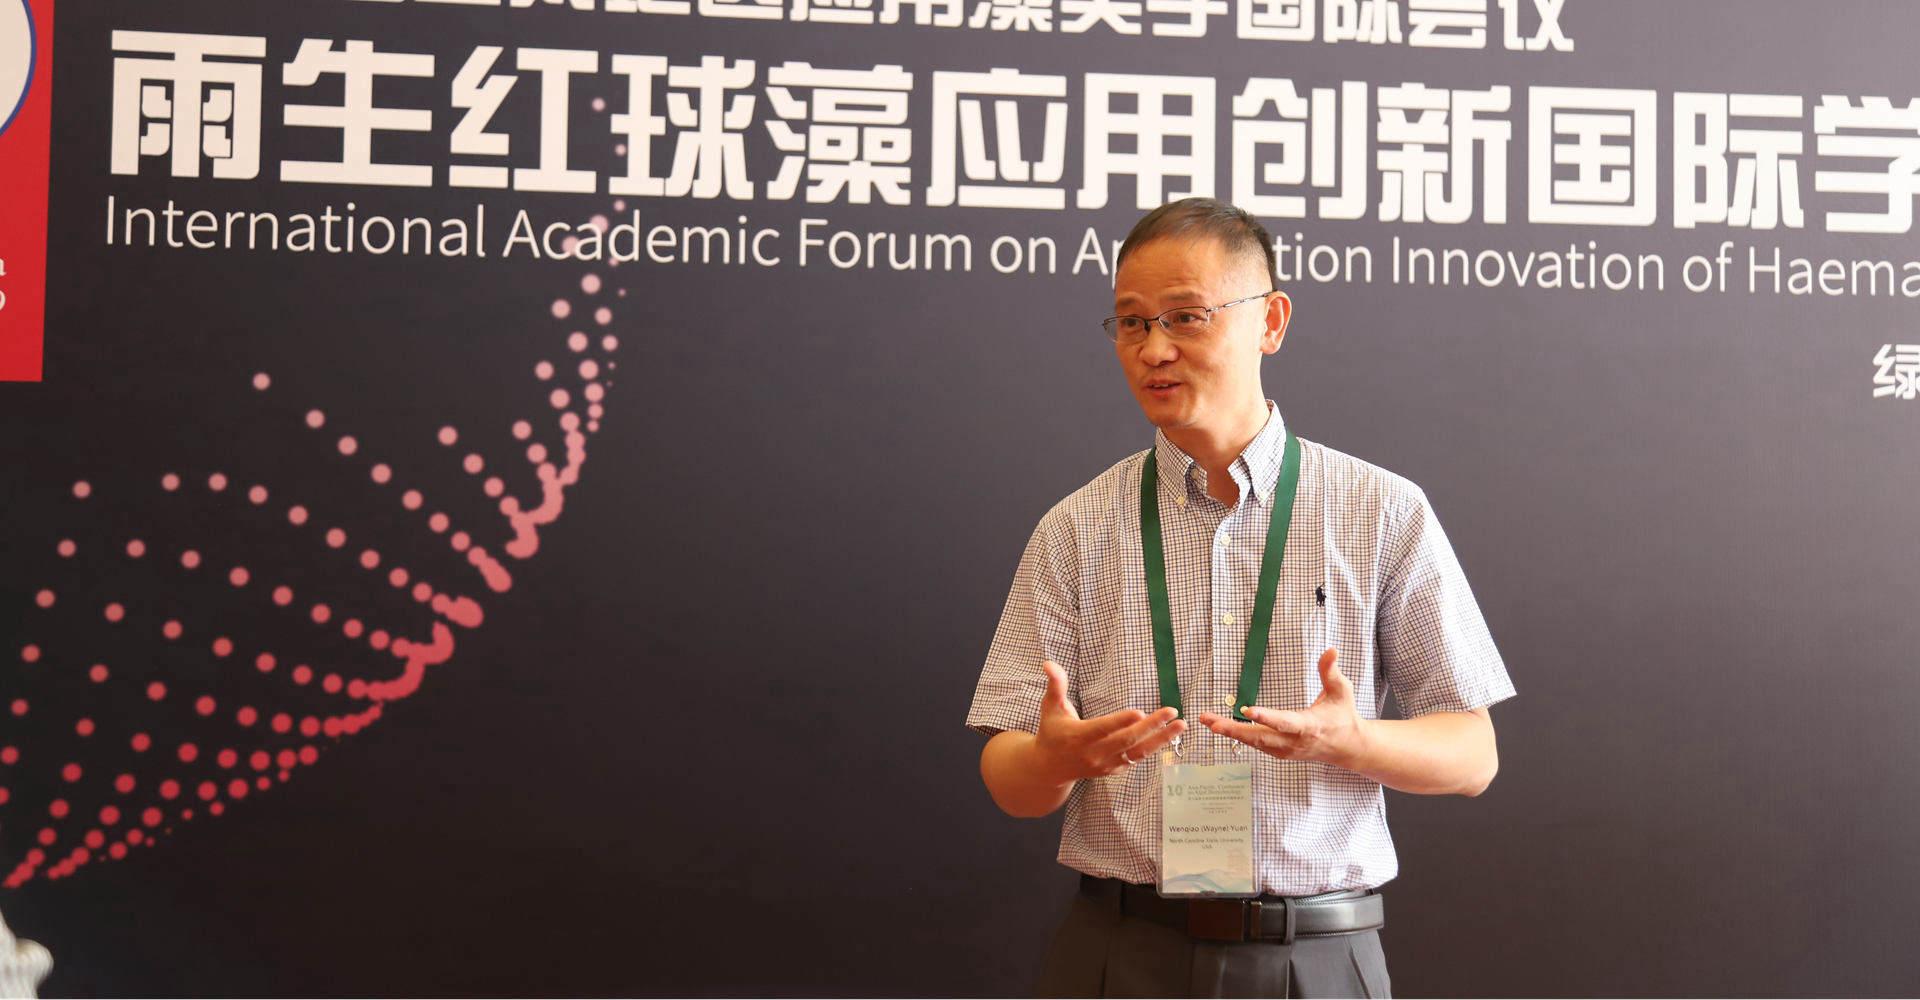 美国北卡罗来纳州立大学教授袁文桥接受采访